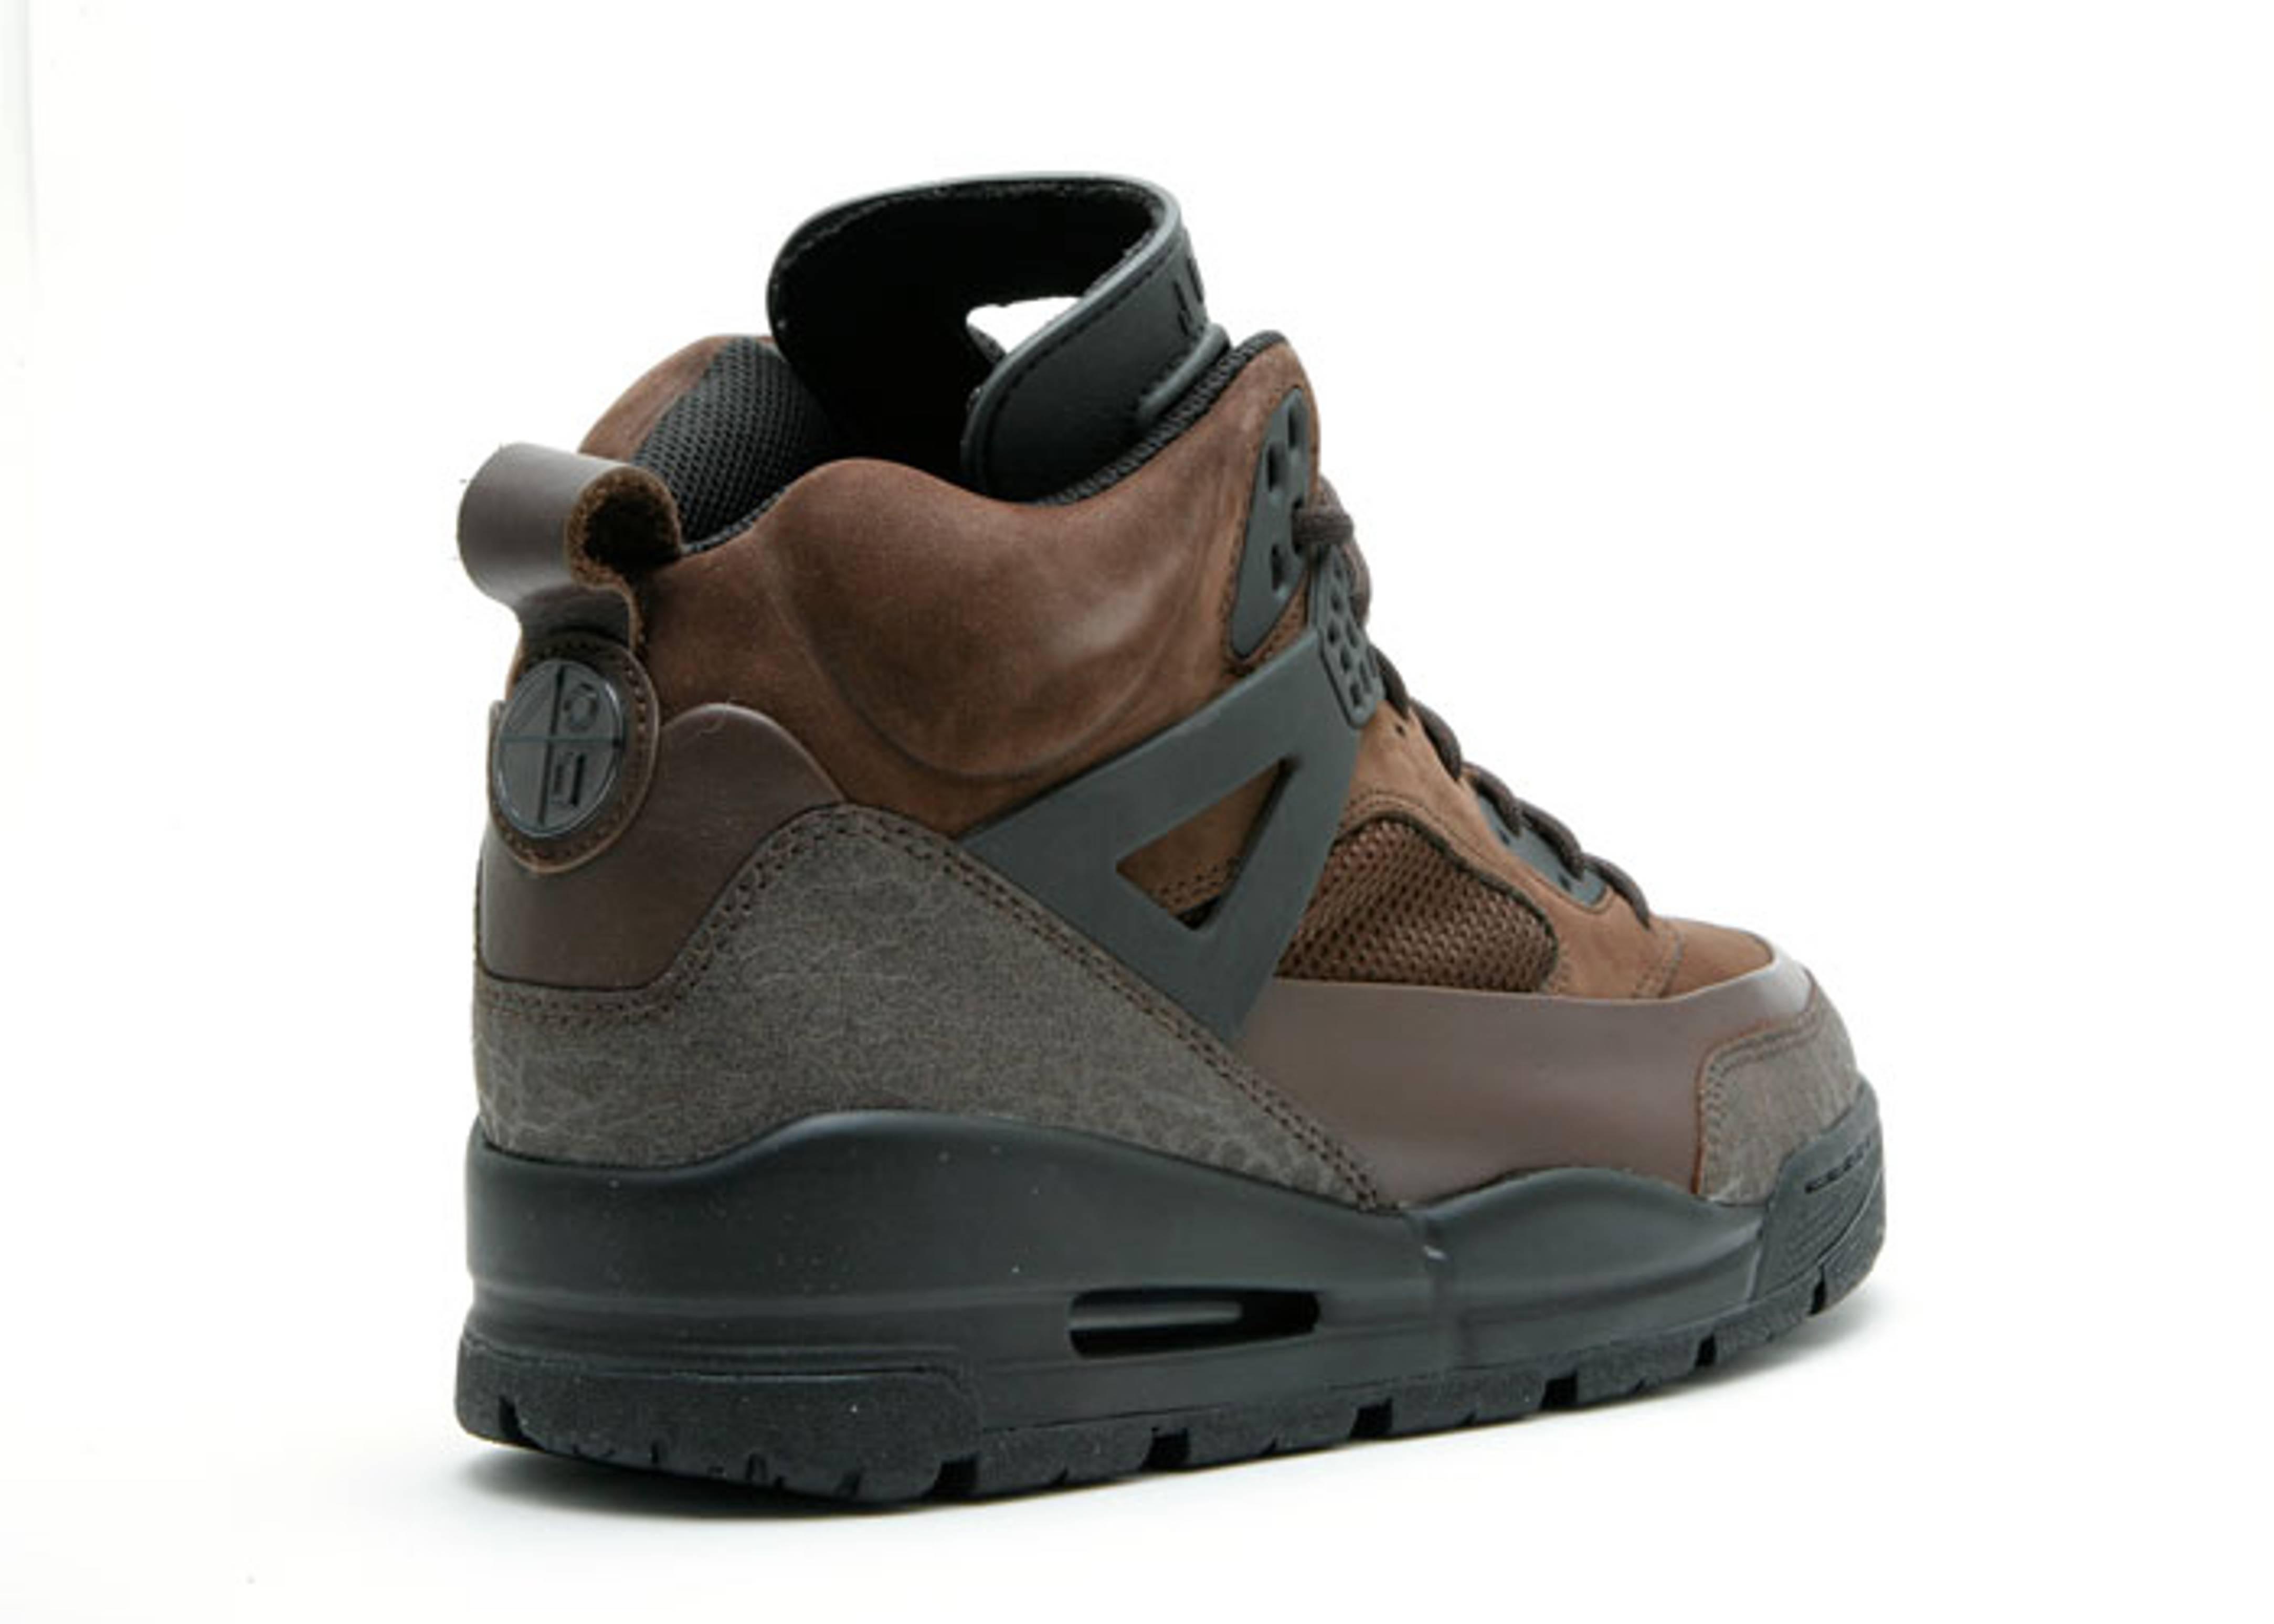 Nike Air Jordan Bottes Hivérisé Spizike Pour Les Hommes